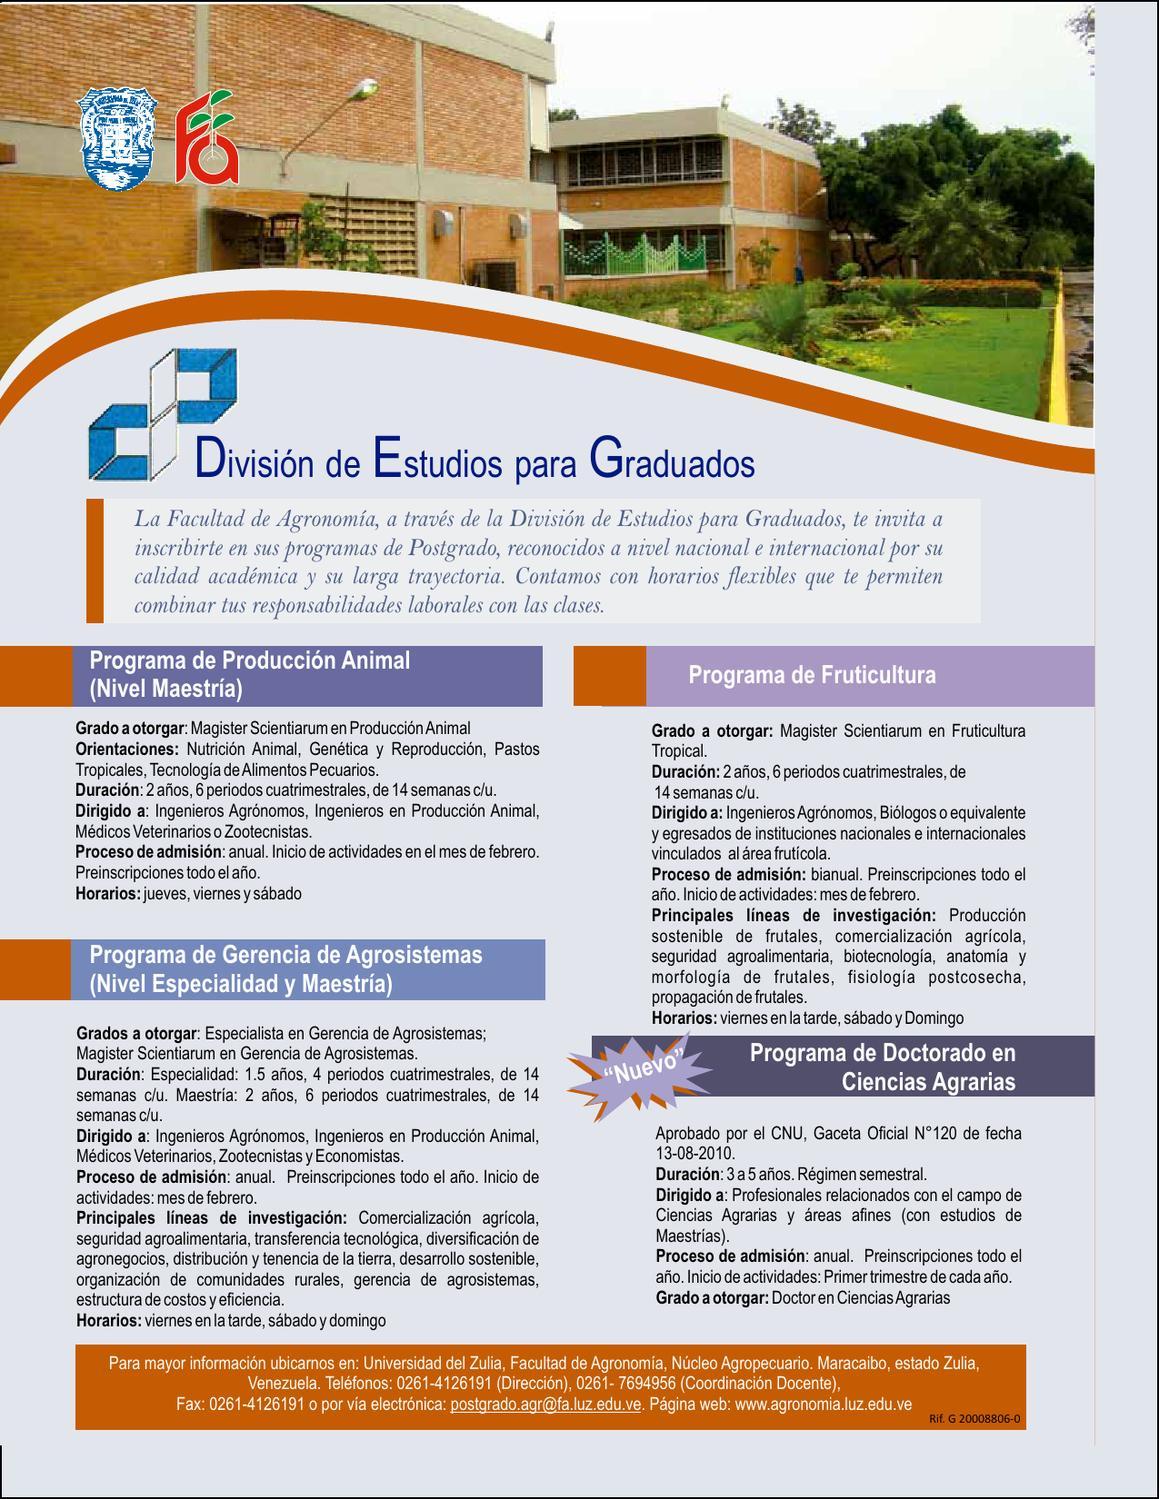 Fantástico Los Programas De Doctorado De Anatomía Adorno - Anatomía ...